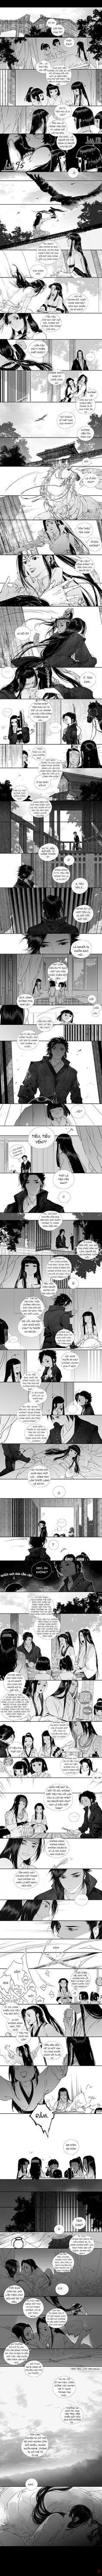 """Sơn Hà Nhân Gian 9 cuối cùng đã gặp r   Má Xuy keo kiệt Bồng Bồng và Tiểu Yến đến 1 cái ôm cũng không có là saooooo \("""">.,<)/"""